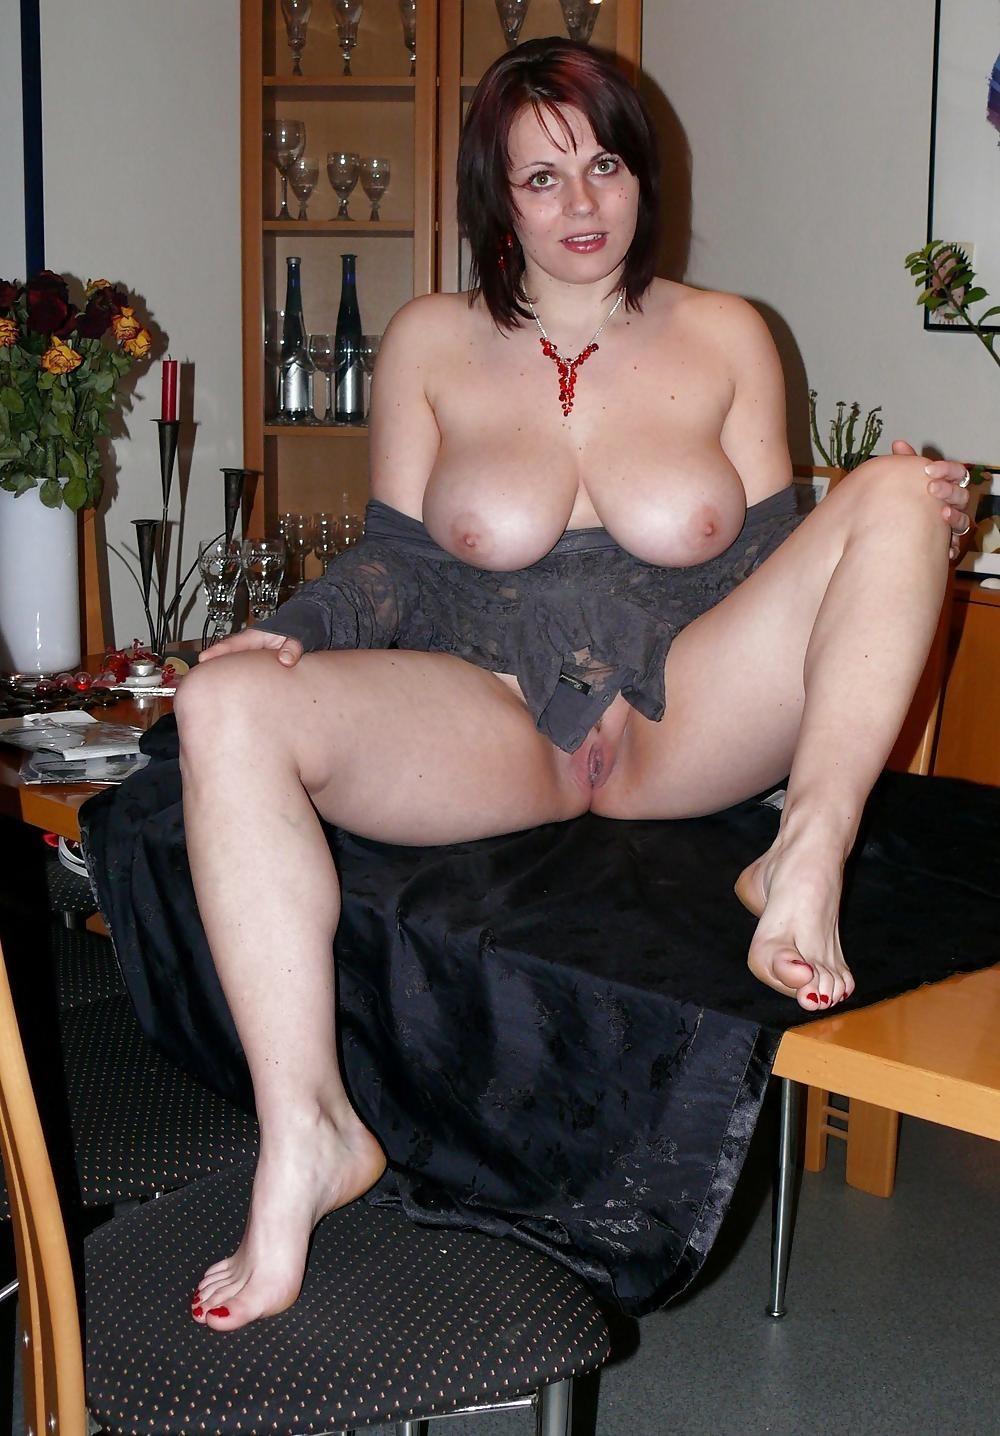 nude chubby amateur mom